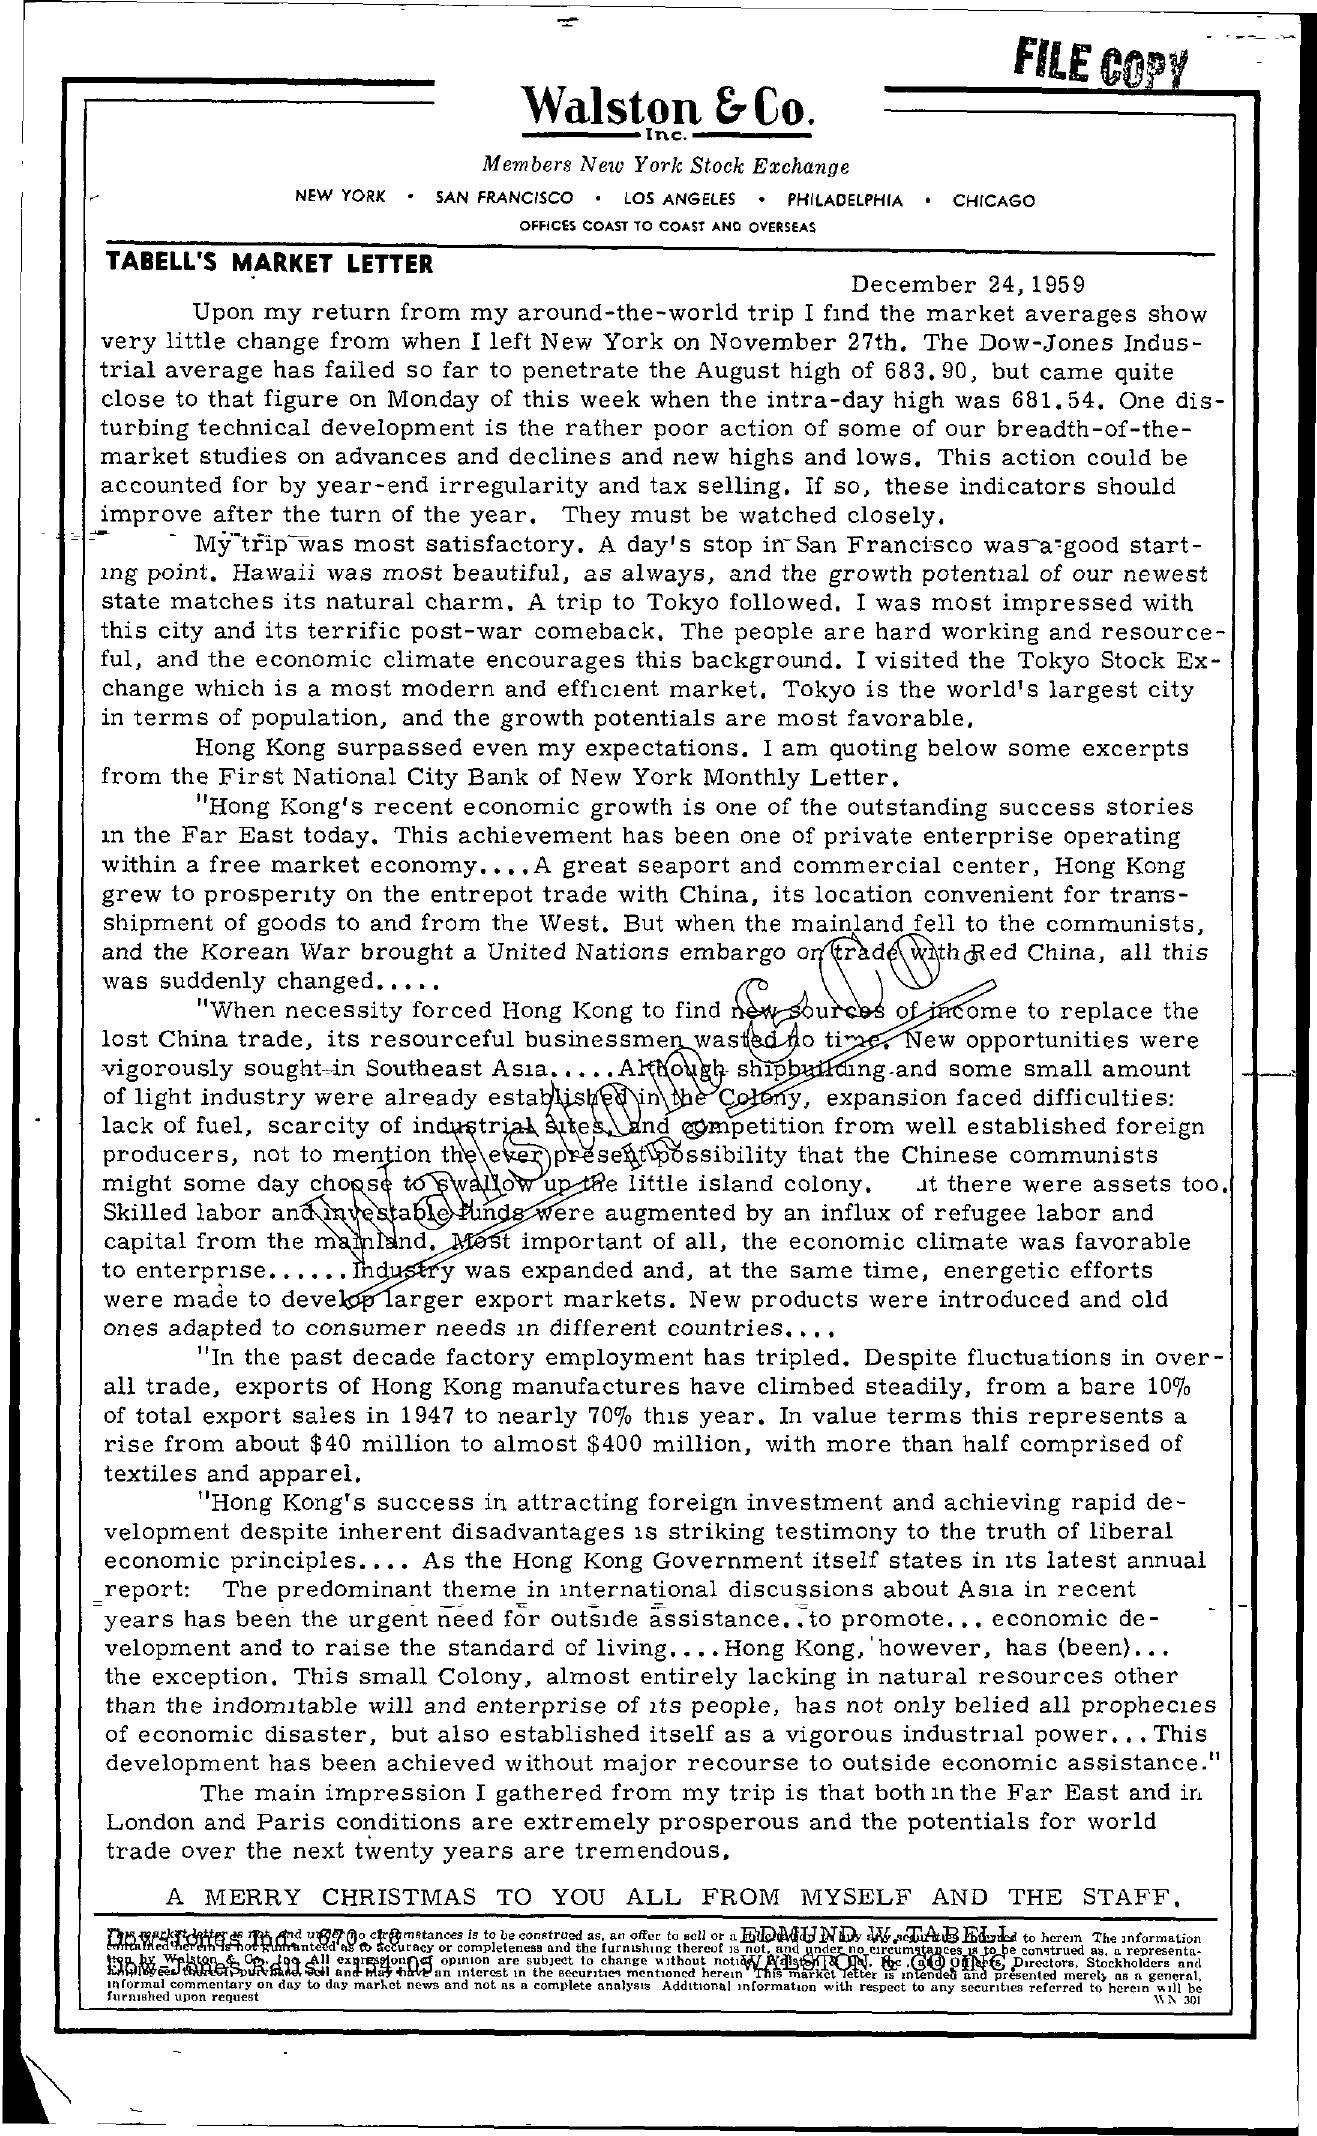 Tabell's Market Letter - December 24, 1959